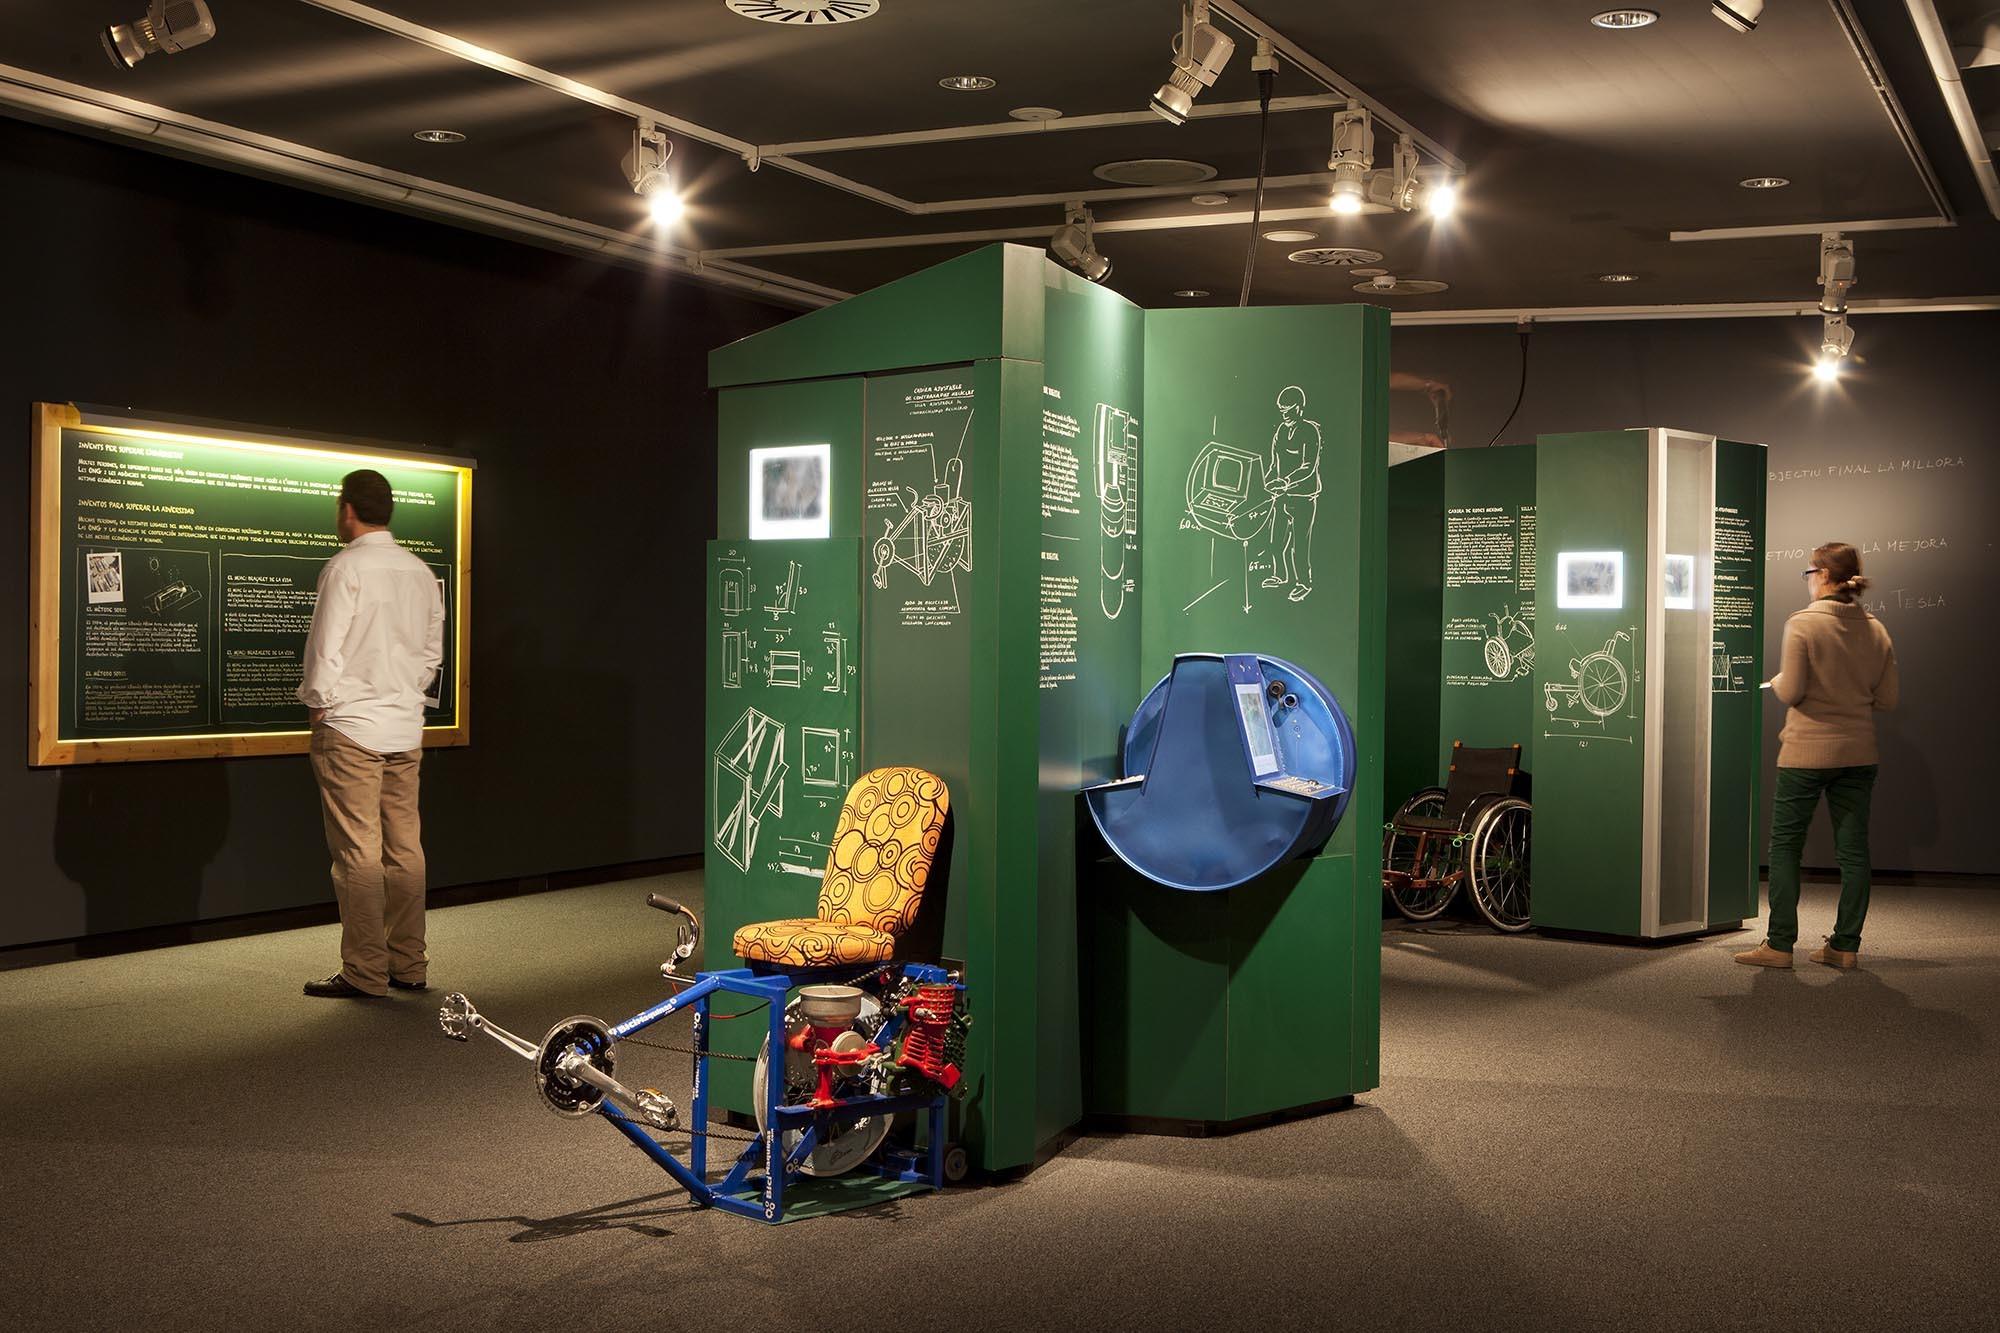 La exposición «Inventos que cambian vidas» llega al Caixa Forum de Madrid